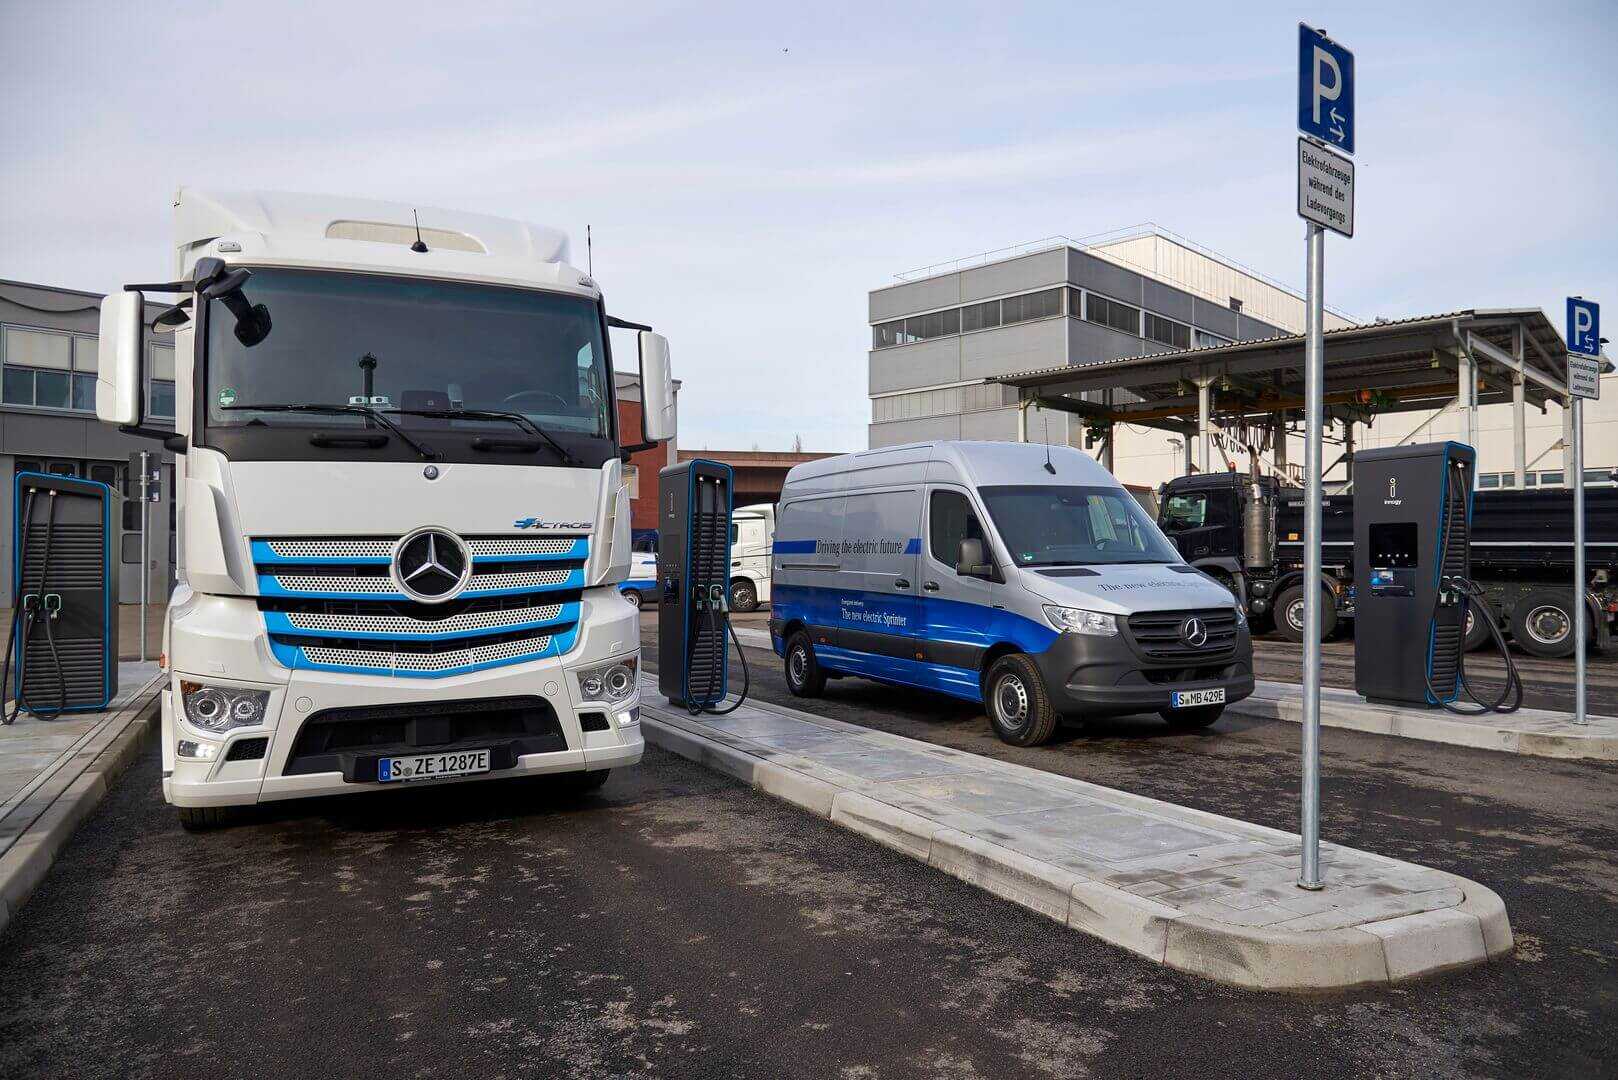 Daimler установил зарядную станцию на 1 МВт для коммерческих электромобилей